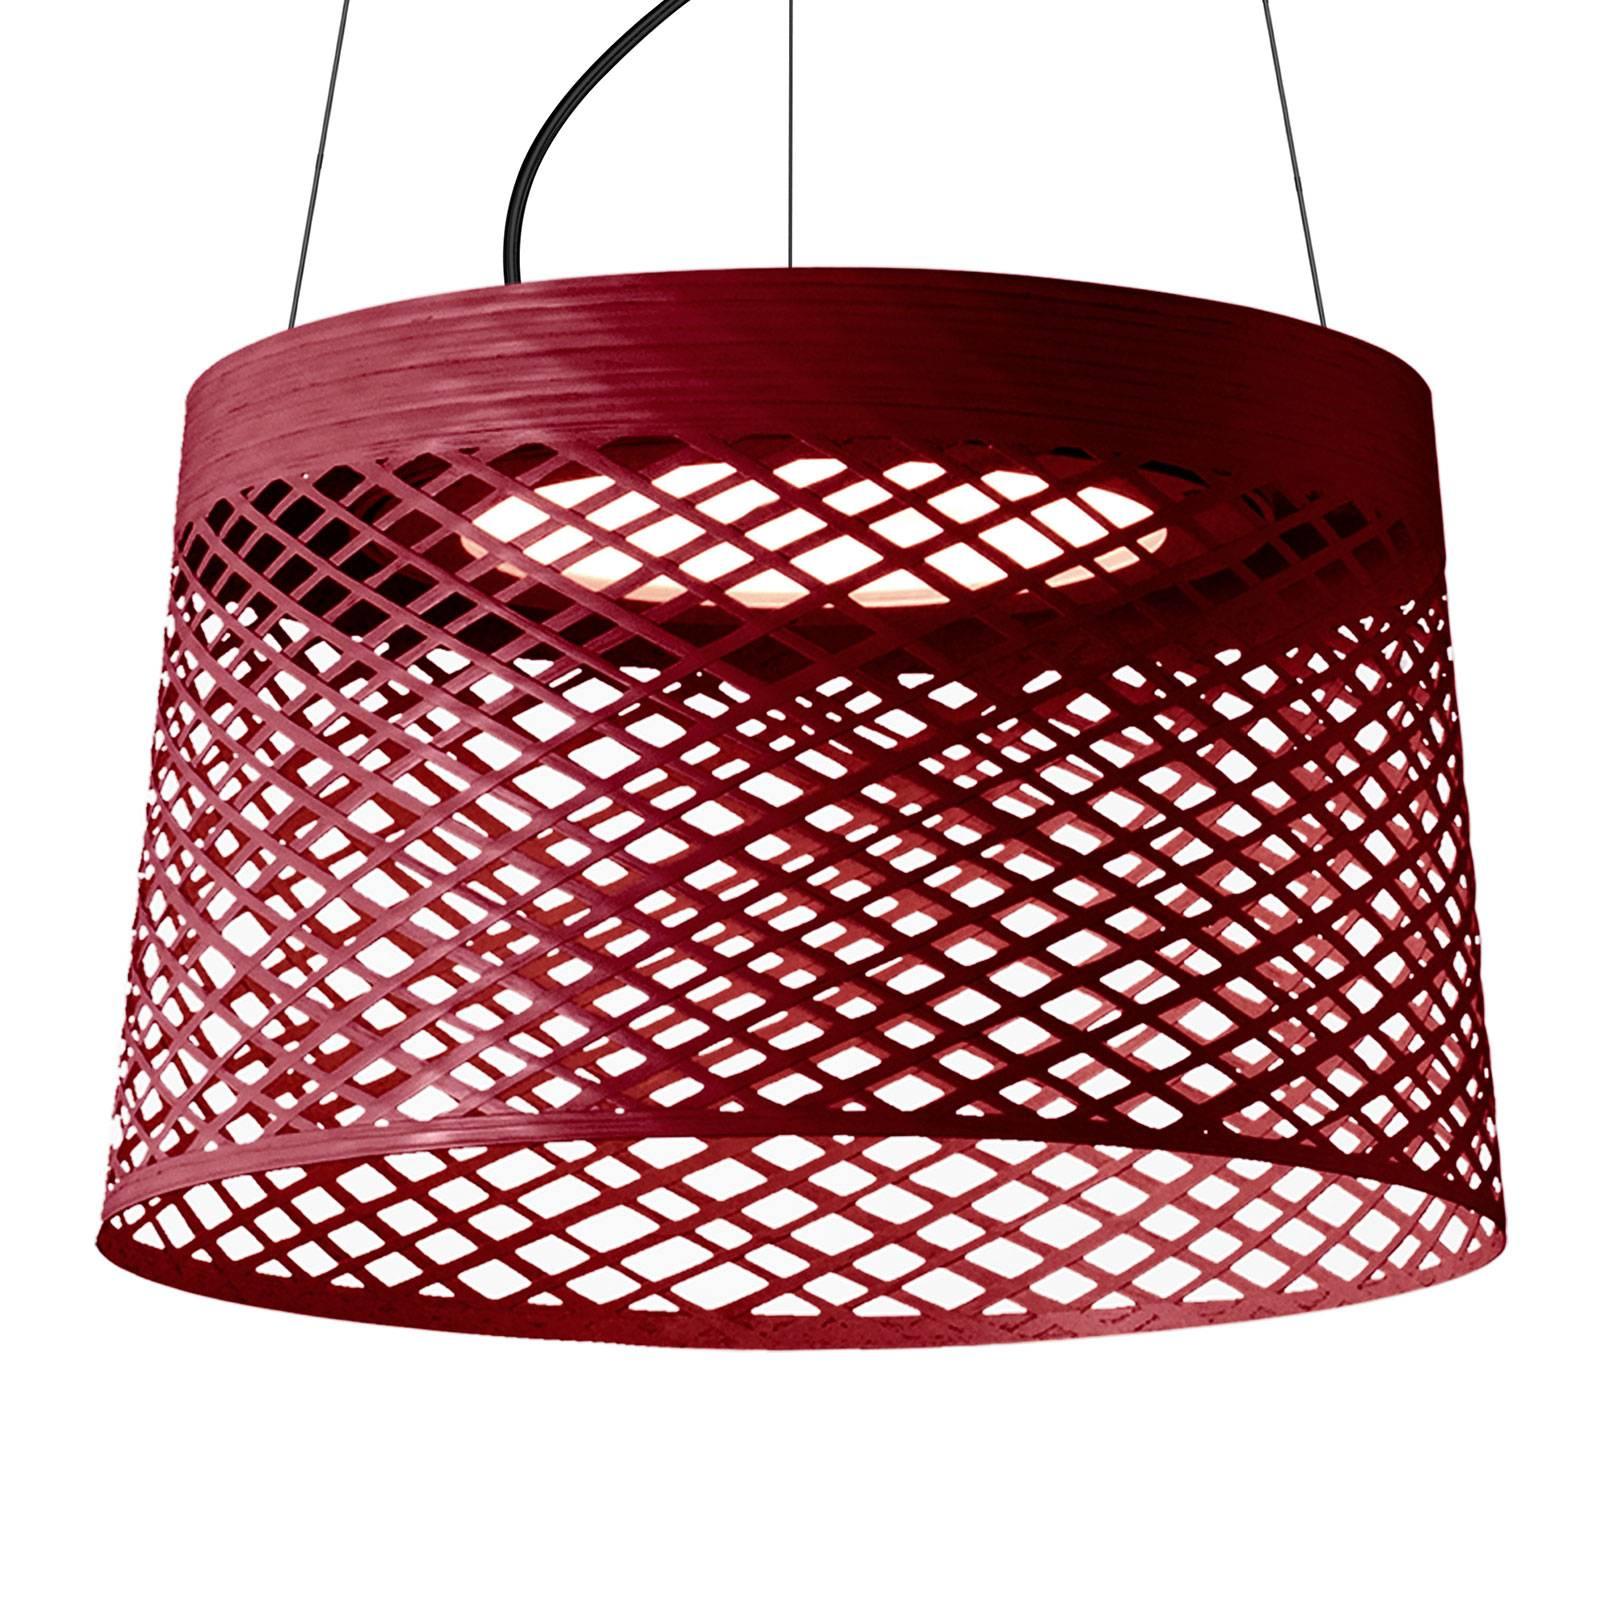 Foscarini Twiggy Grid sospensione LED, carminio